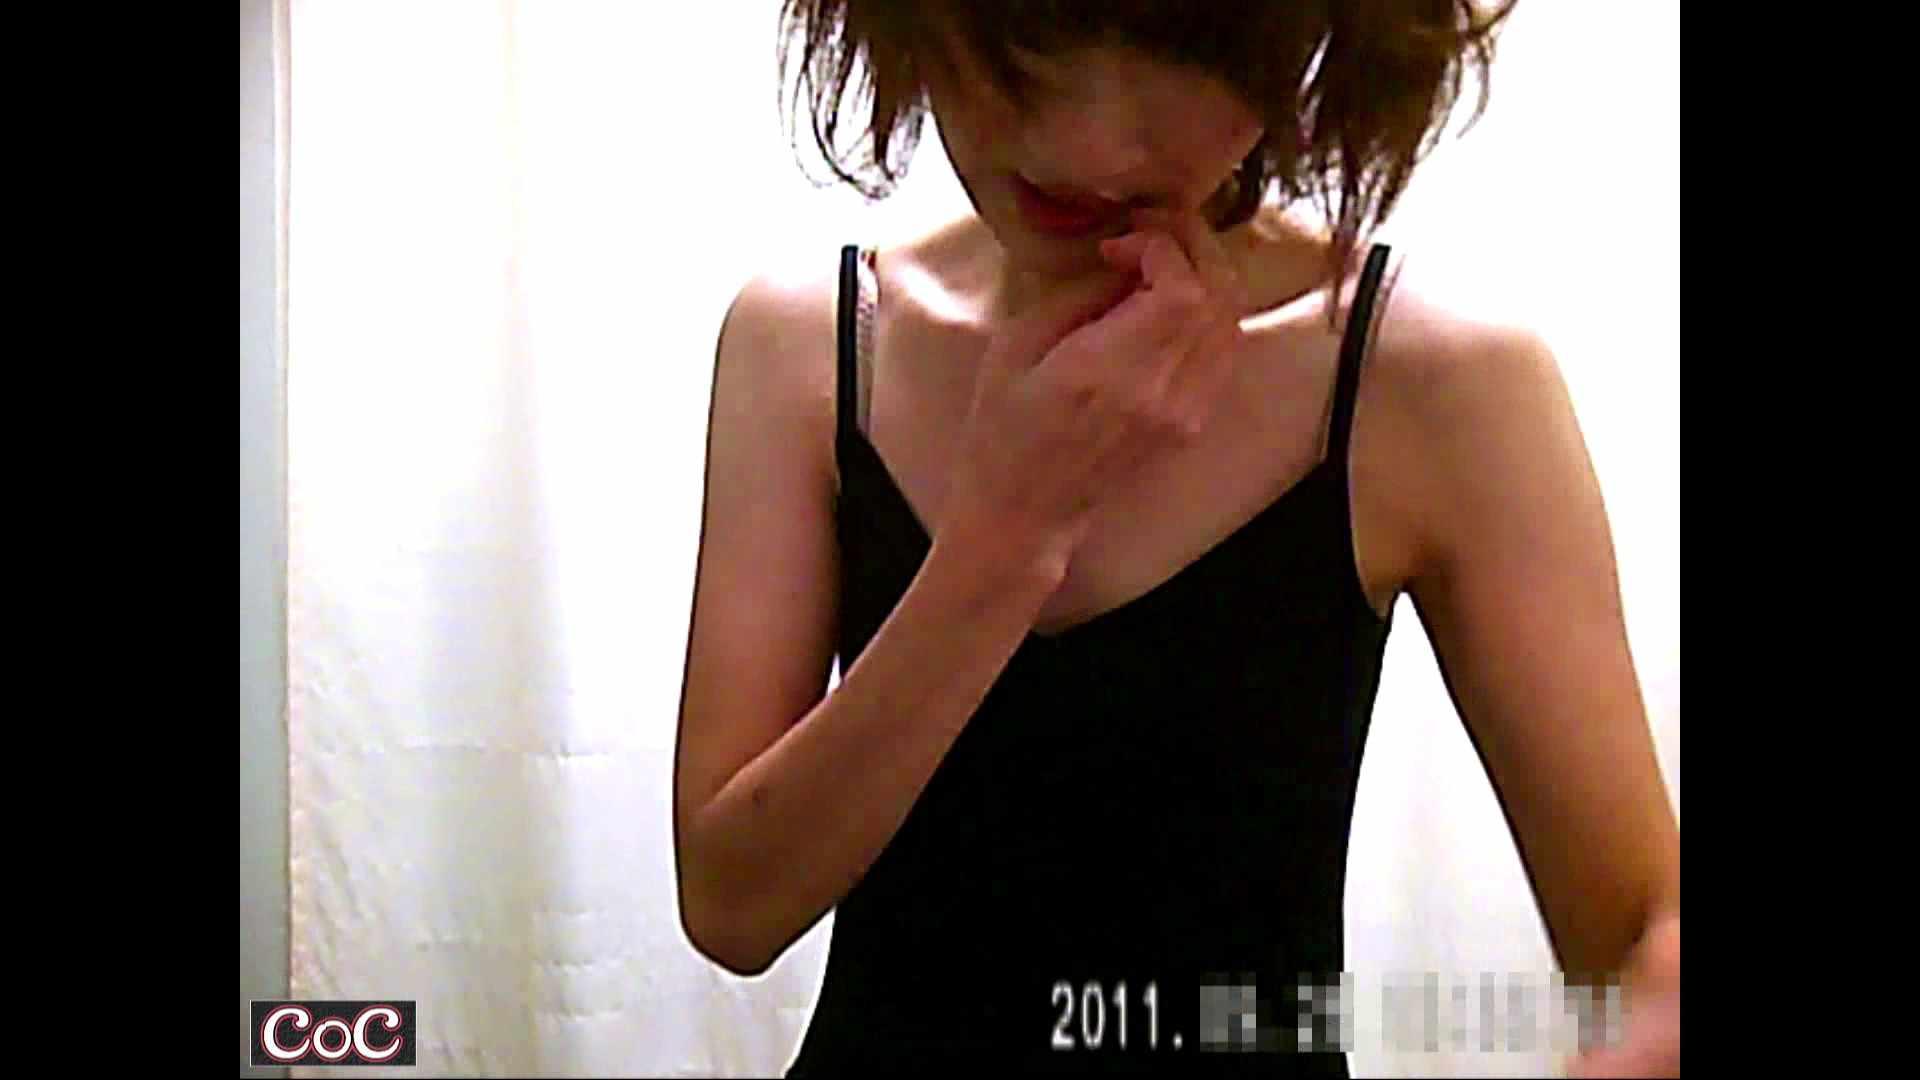 病院おもいっきり着替え! vol.35 巨乳 盗撮おめこ無修正動画無料 103PICs 89